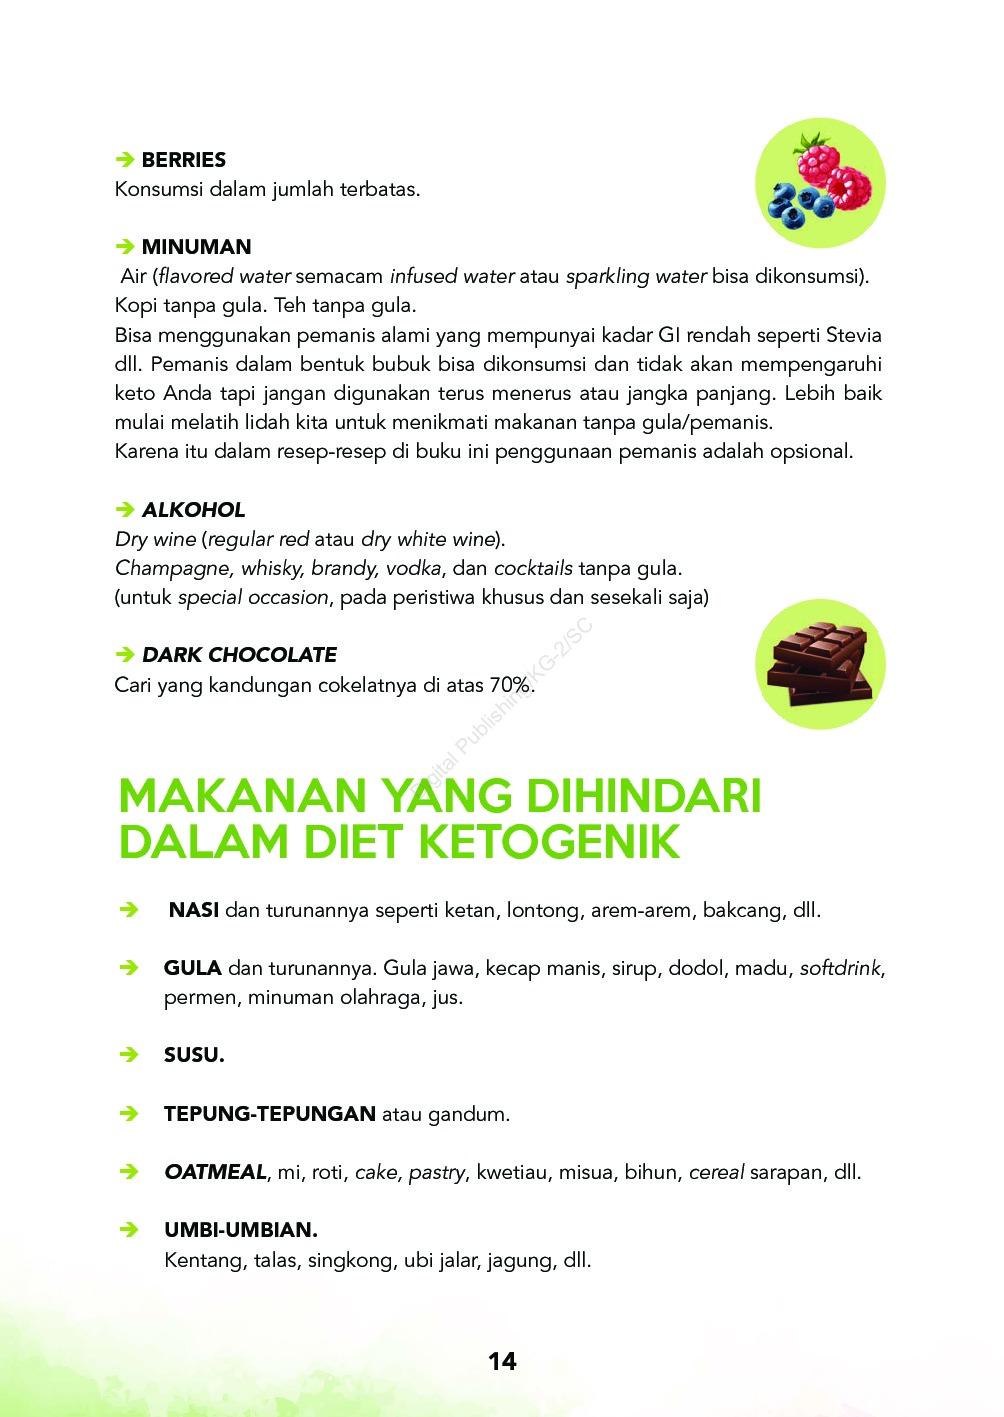 Mengenal Diet Ketogenik dan Dampaknya